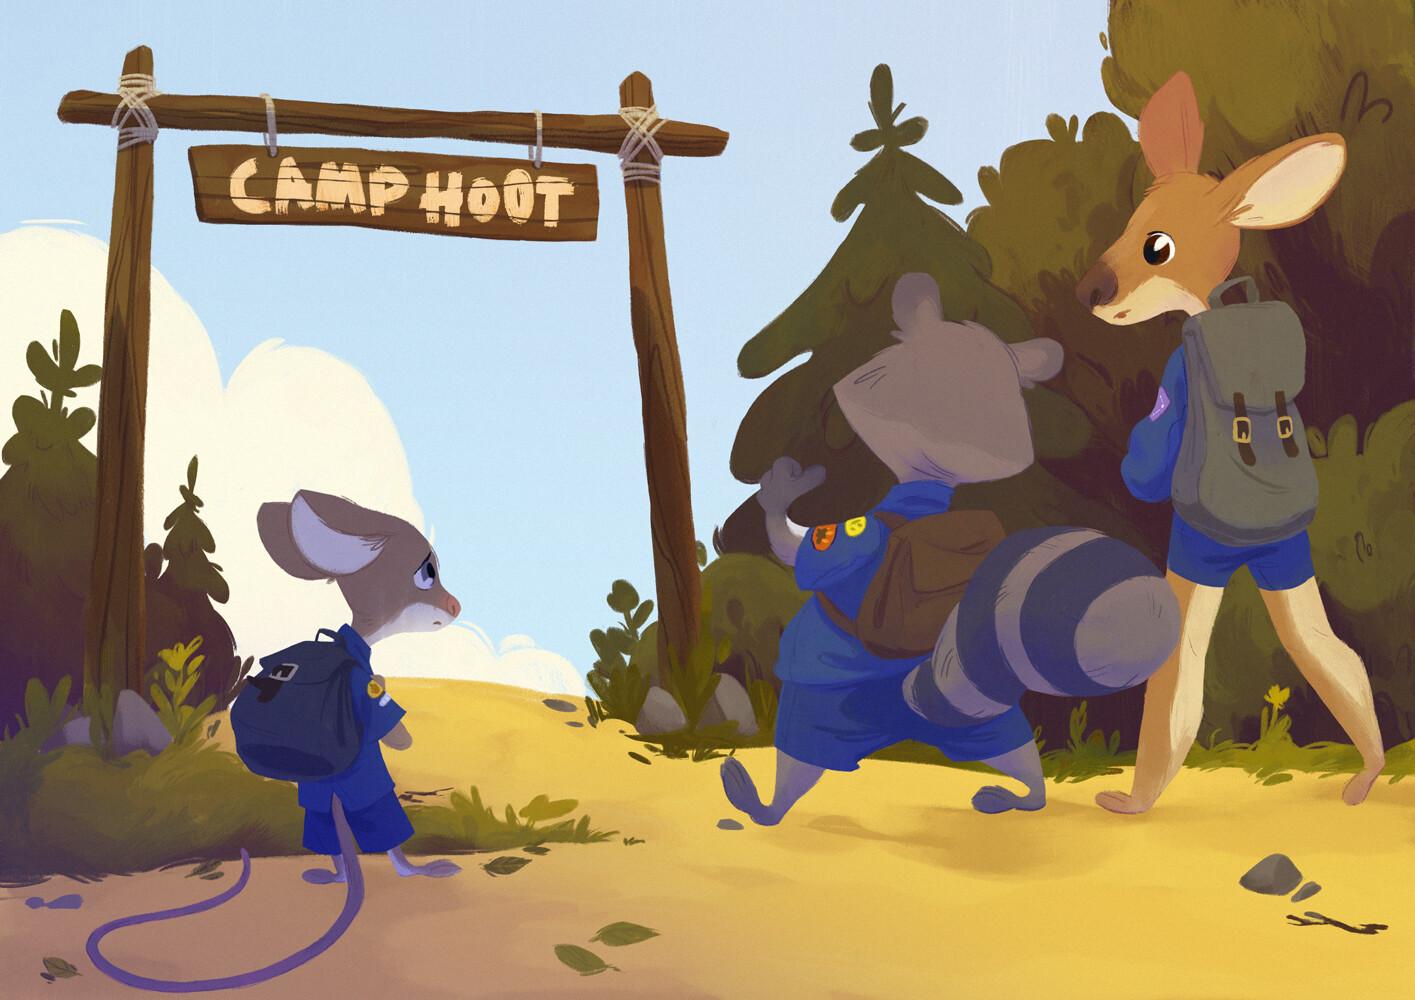 Camp Hoot